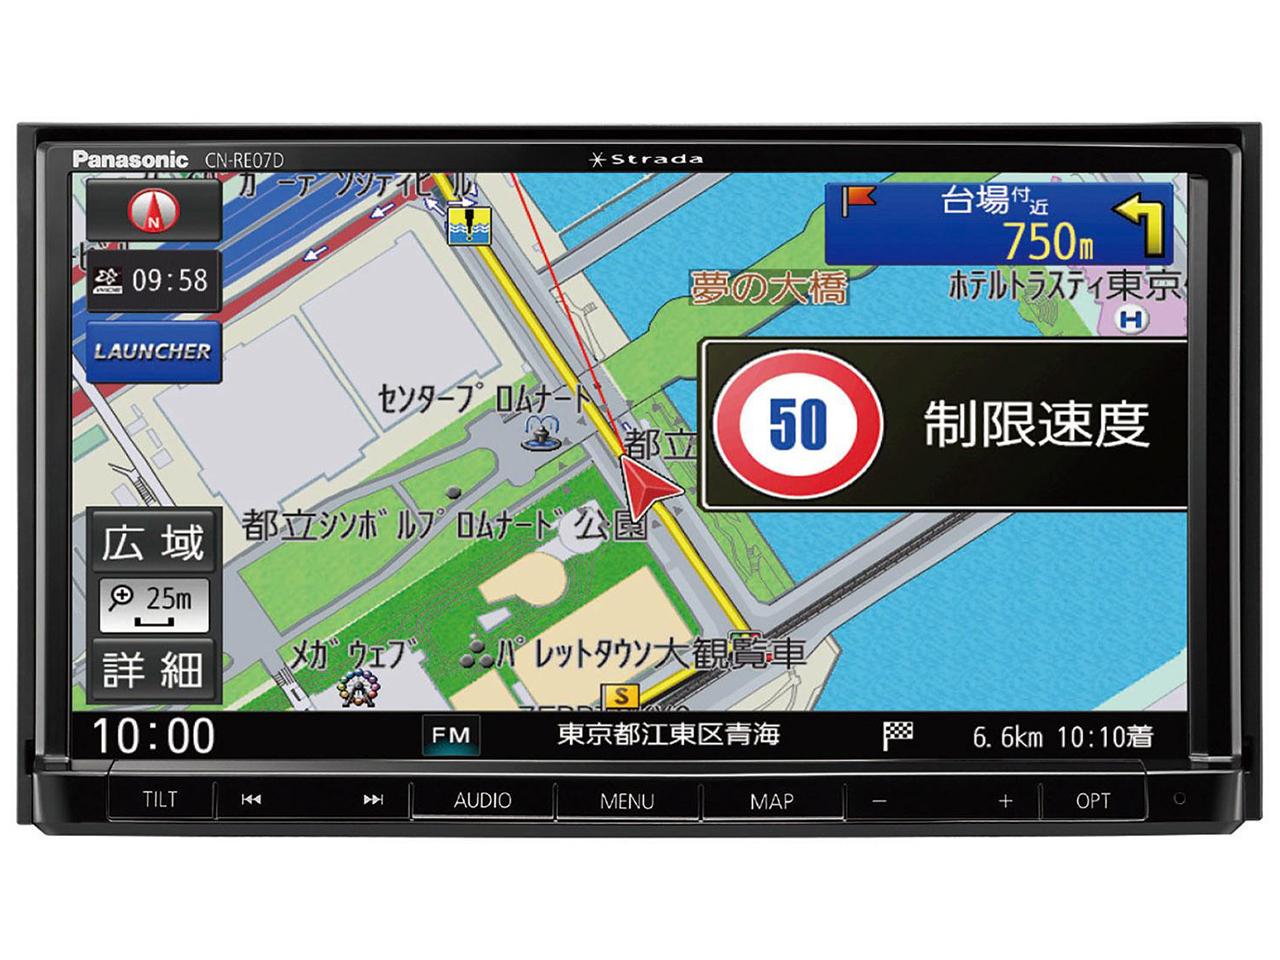 パナソニック(Panasonic) ストラーダ CN-RE07D買取画像